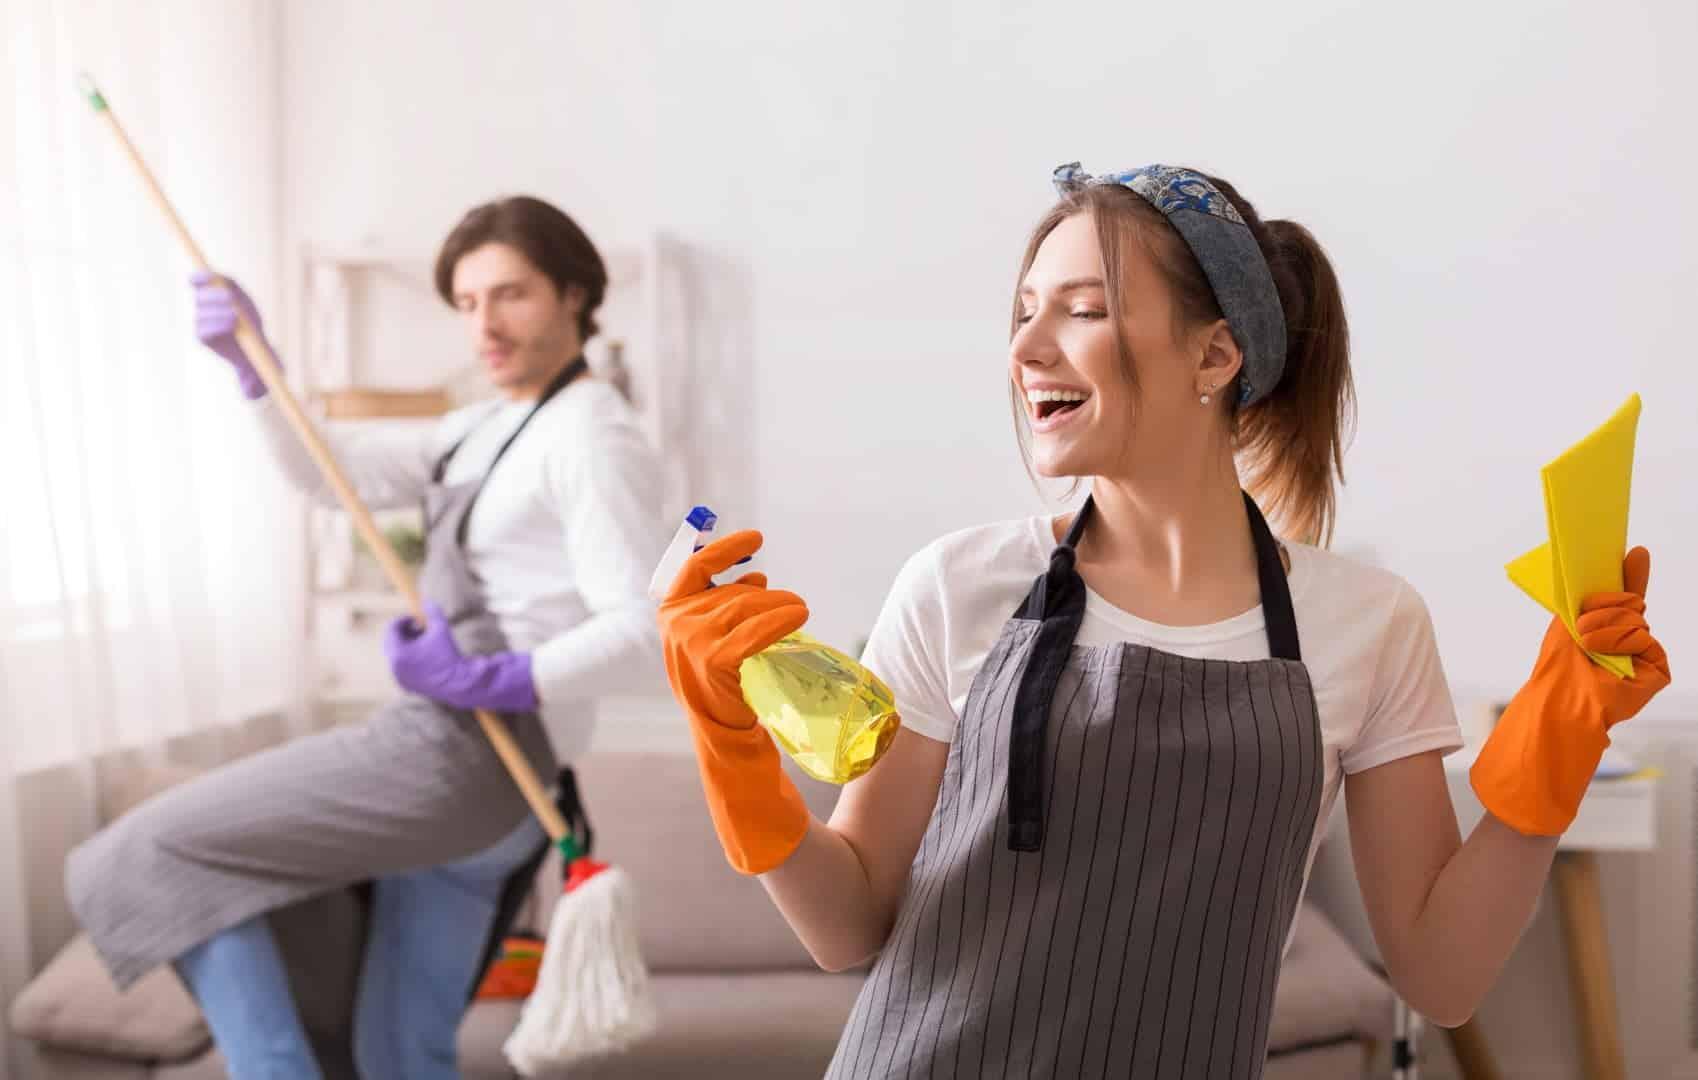 How to Make Housework More Fun